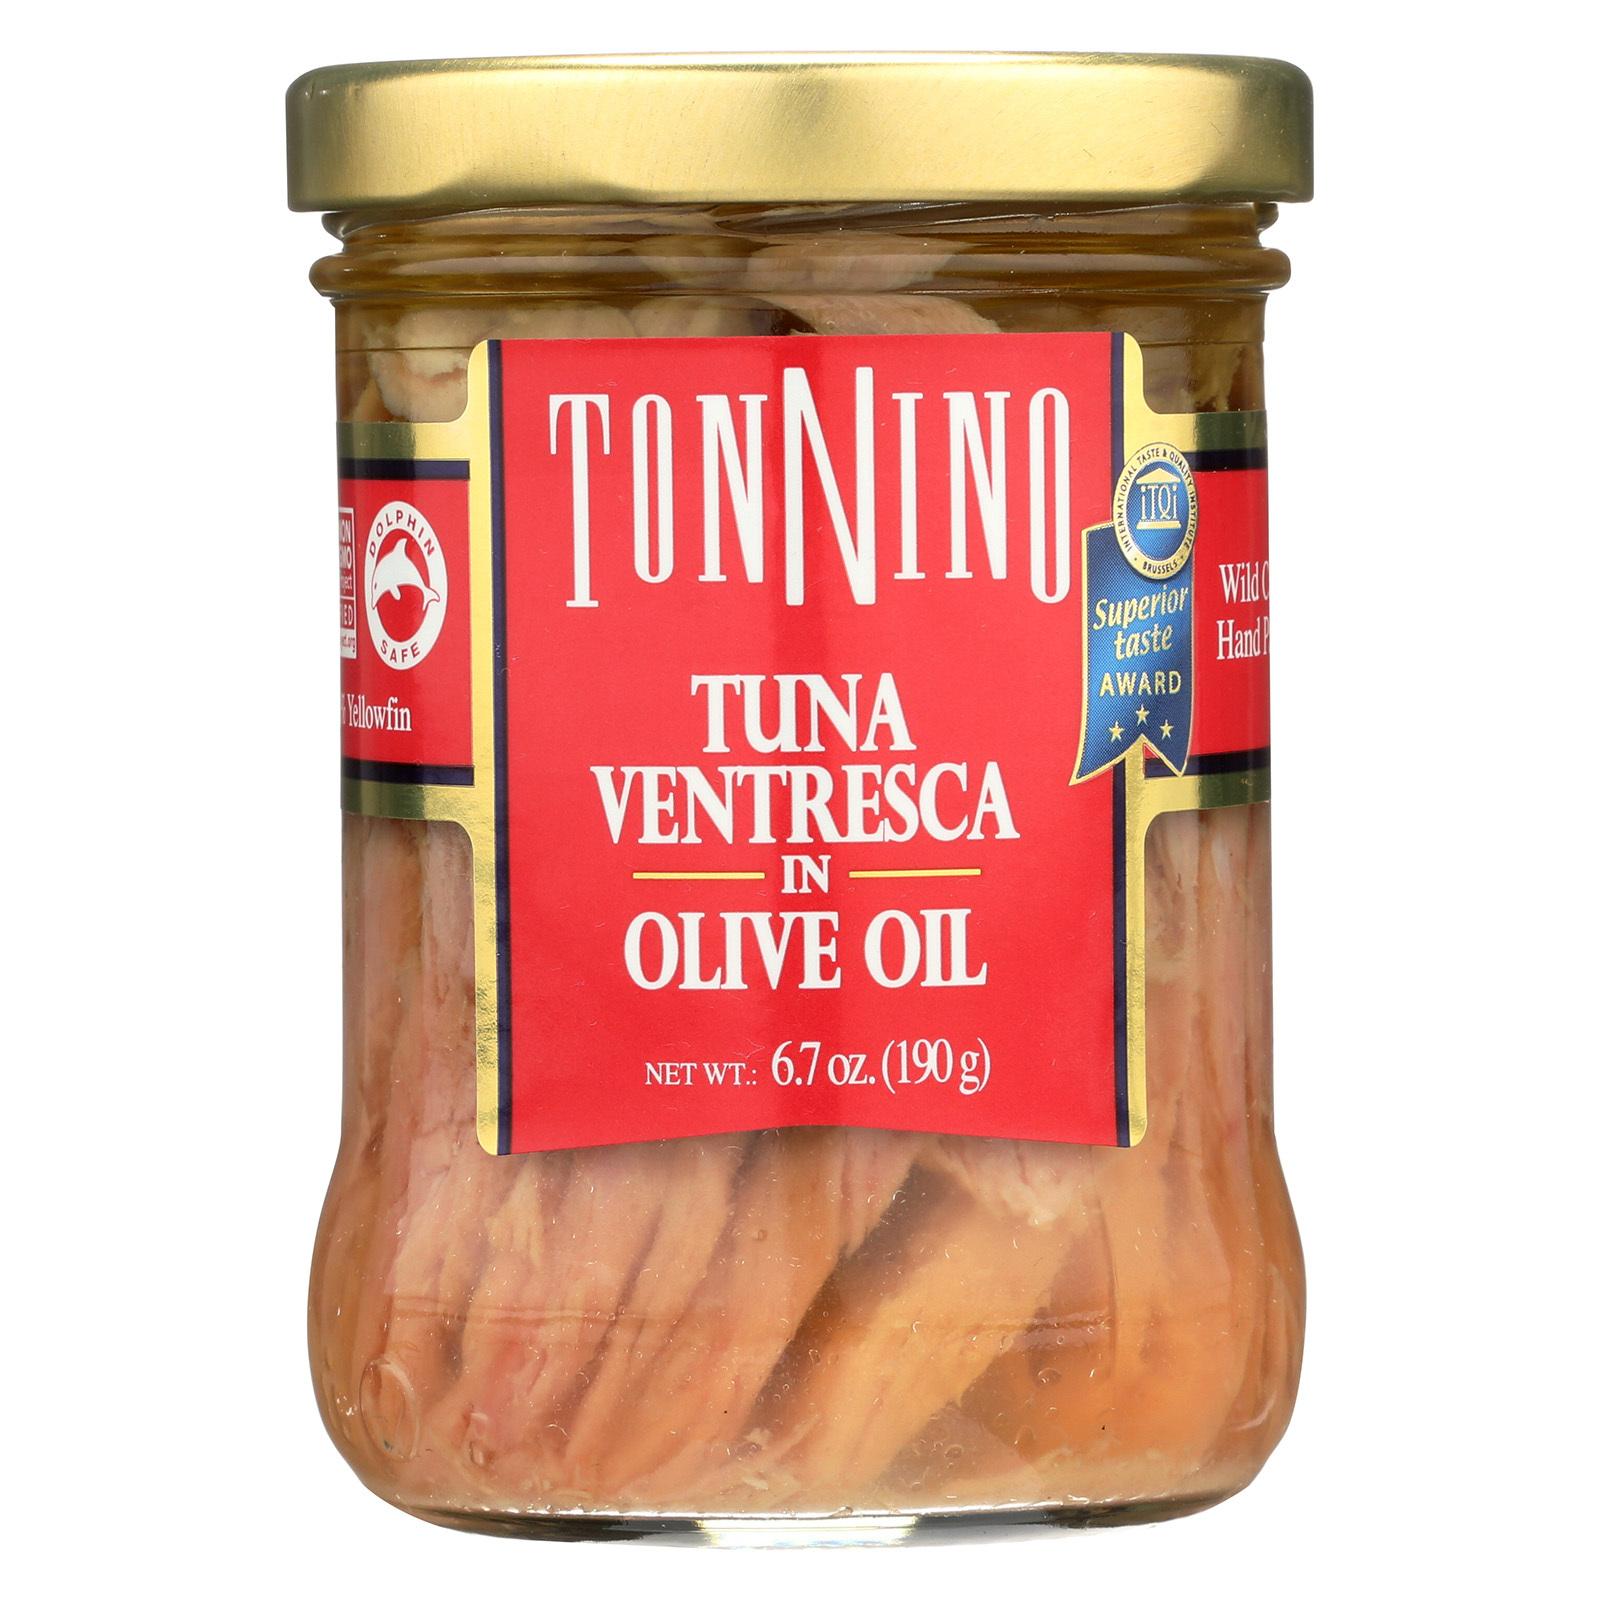 Tonnino Tuna Ventresca - Olive Oil - Case of 6 - 6.7 oz.